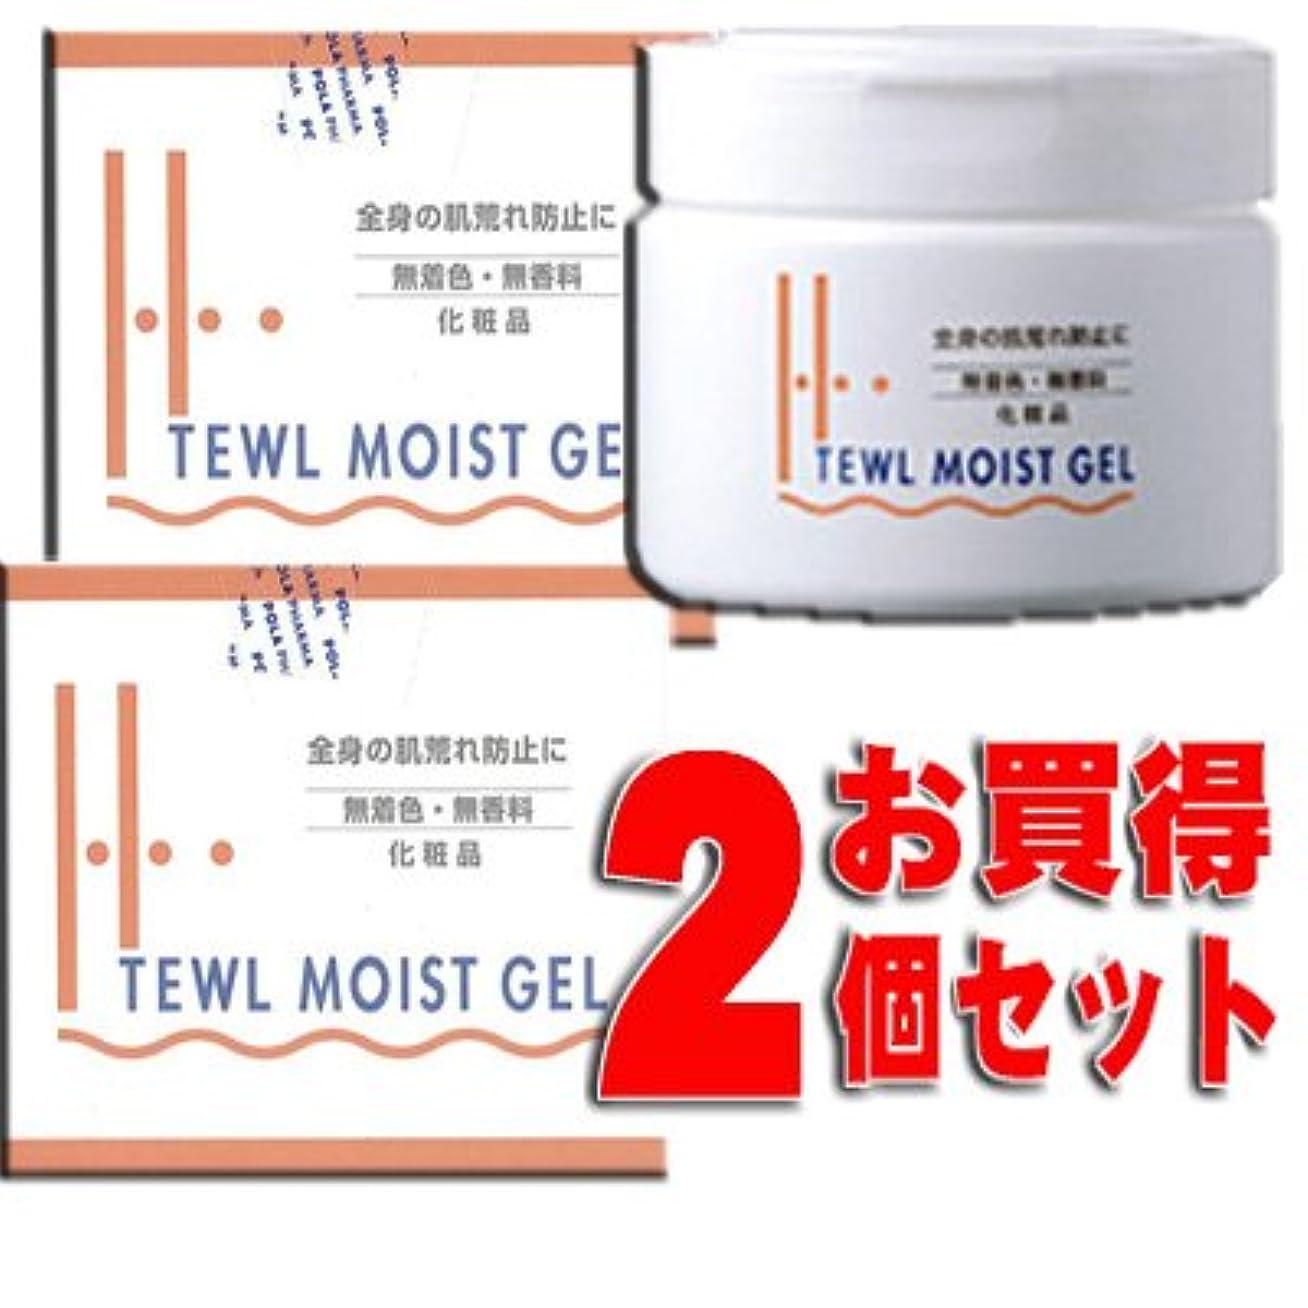 フィールドほこりっぽい十二★お買得2個★ ハイテウル モイストジェル 300gx2個 (ポーラファルマ)エタノールや界面活性剤に敏感な方へおすすめするゲルクリームです。